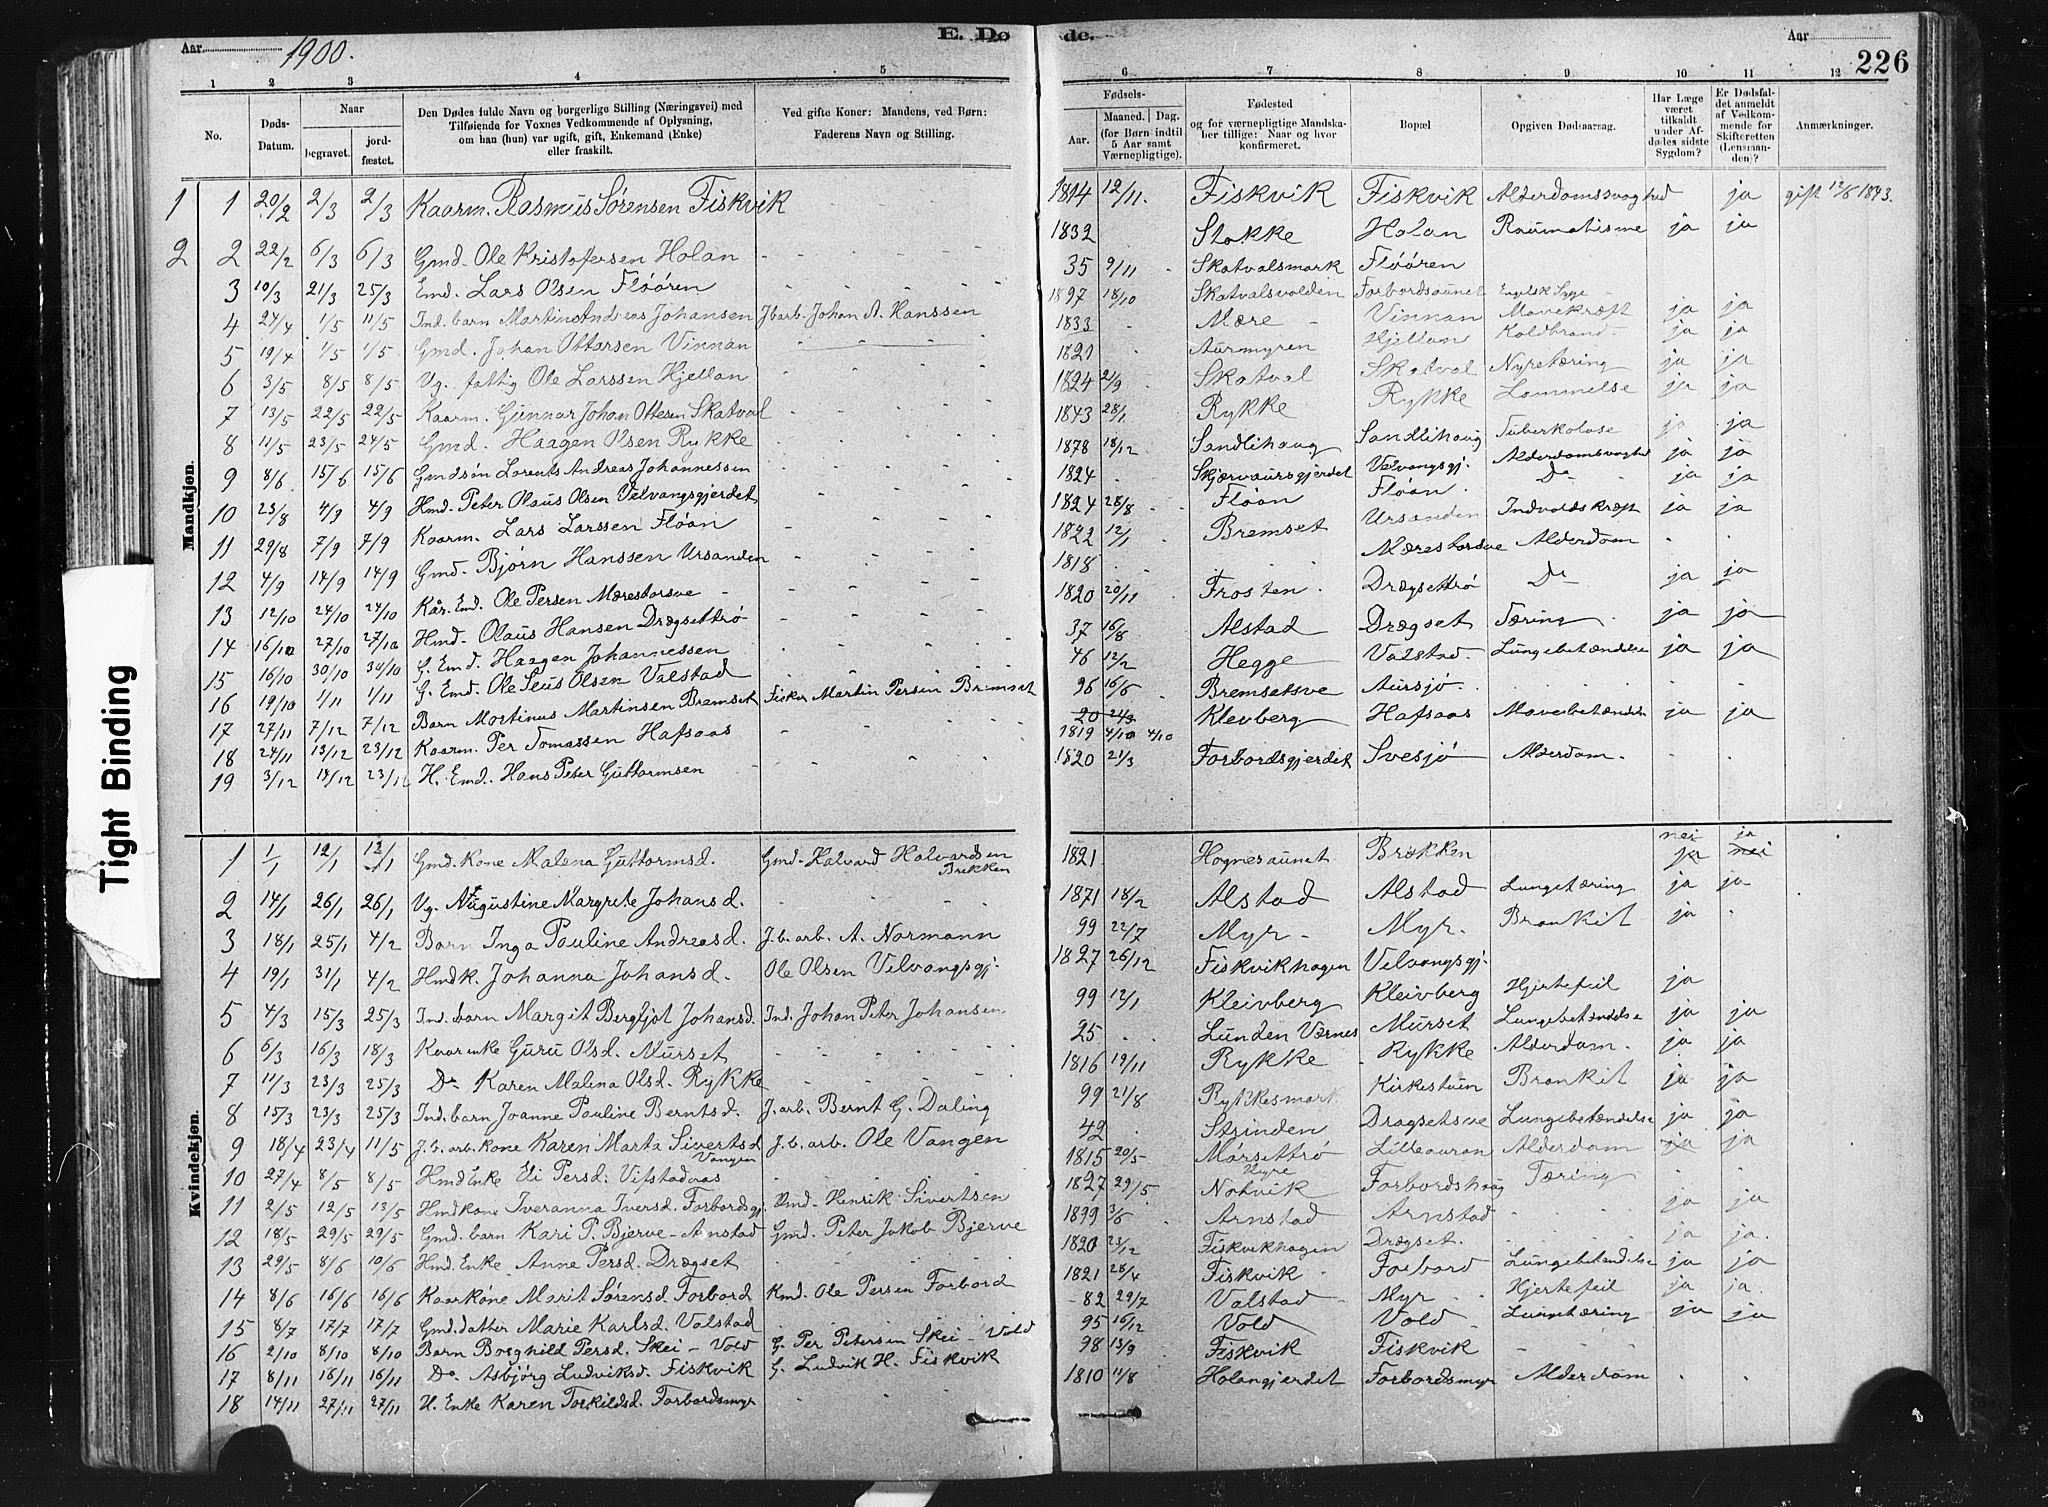 SAT, Ministerialprotokoller, klokkerbøker og fødselsregistre - Nord-Trøndelag, 712/L0103: Klokkerbok nr. 712C01, 1878-1917, s. 226